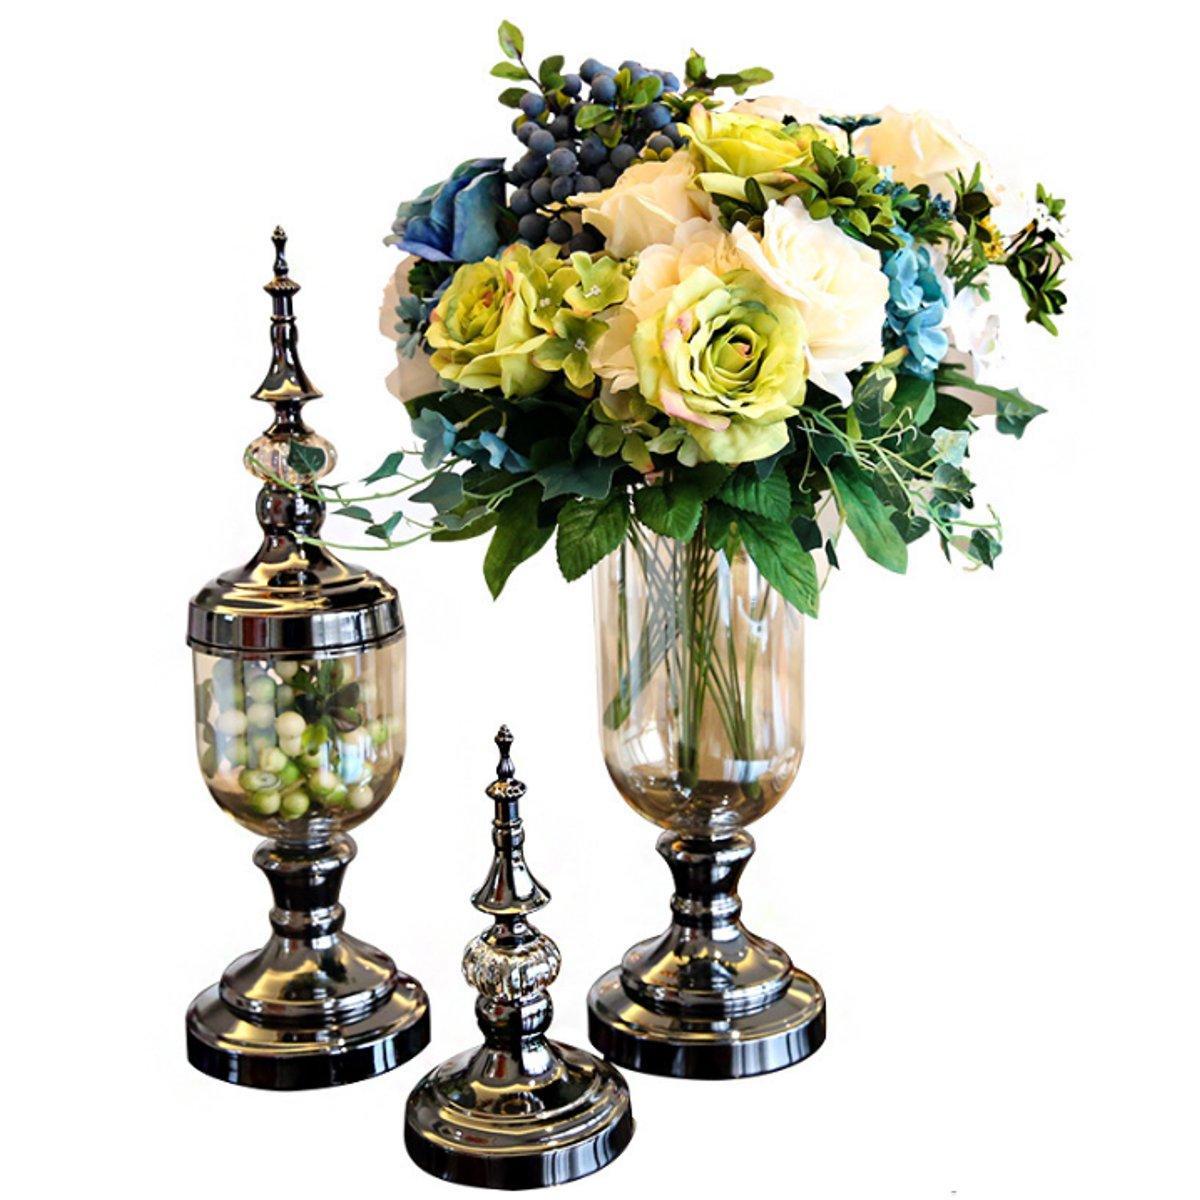 Retro Flower Stand Chic Indoor Garden Metal Plant Holder Display Planter Vase - 1